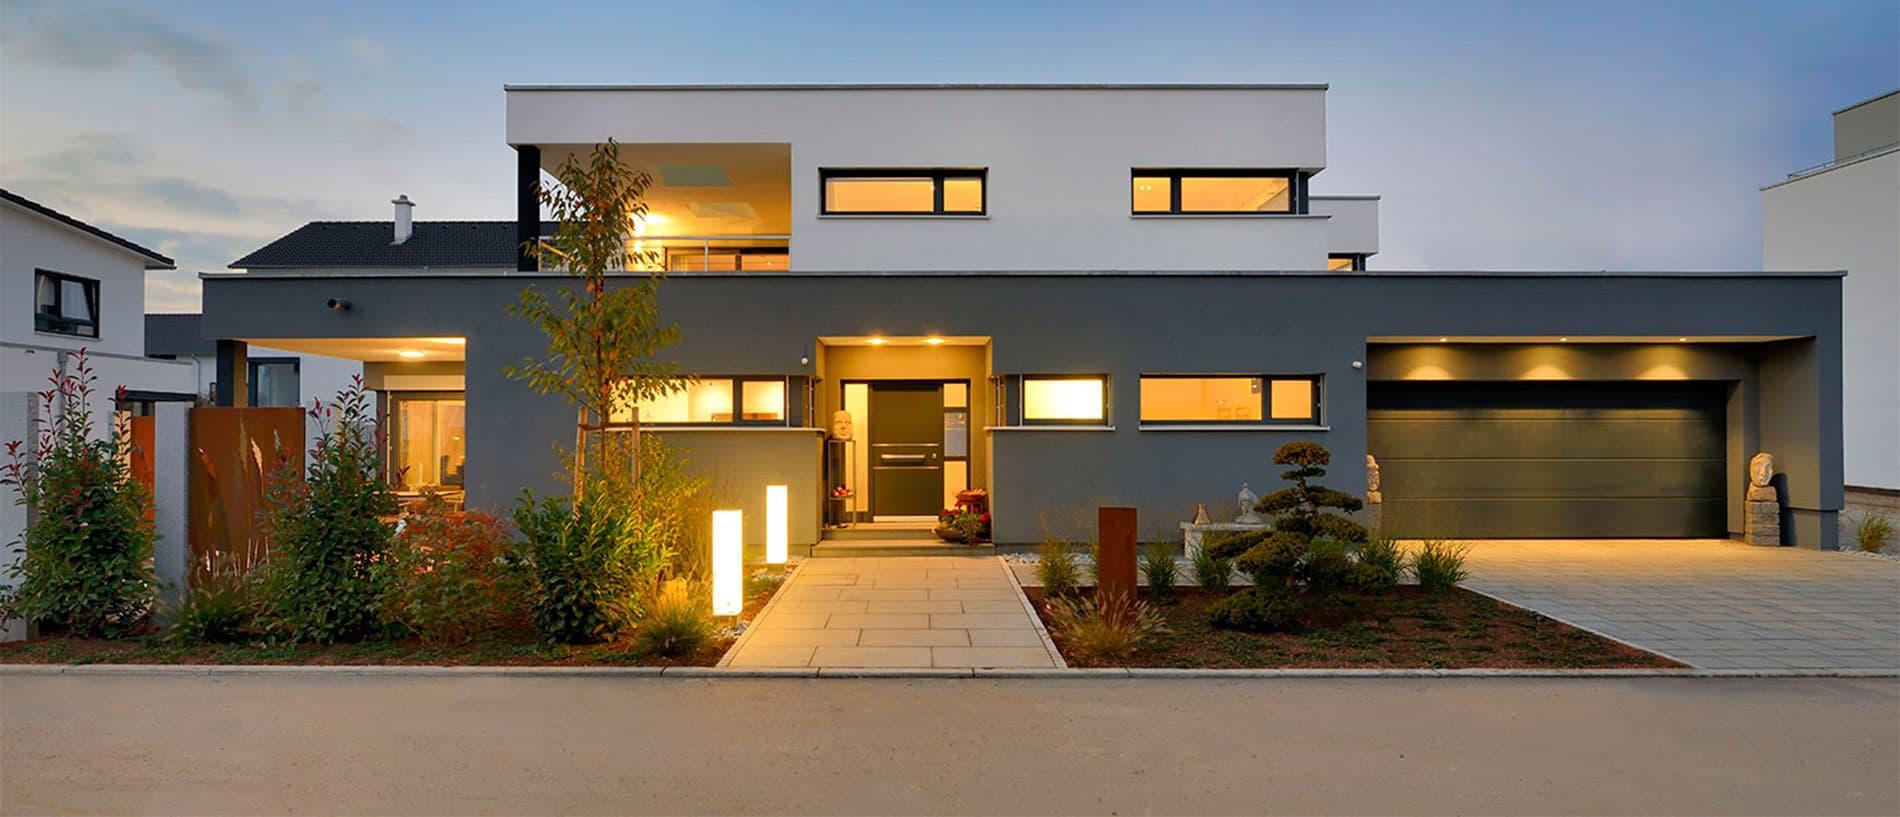 Hausbau ideen inspirationen f r ihr individuelles zuhause for Raumgestaltung stein dresden